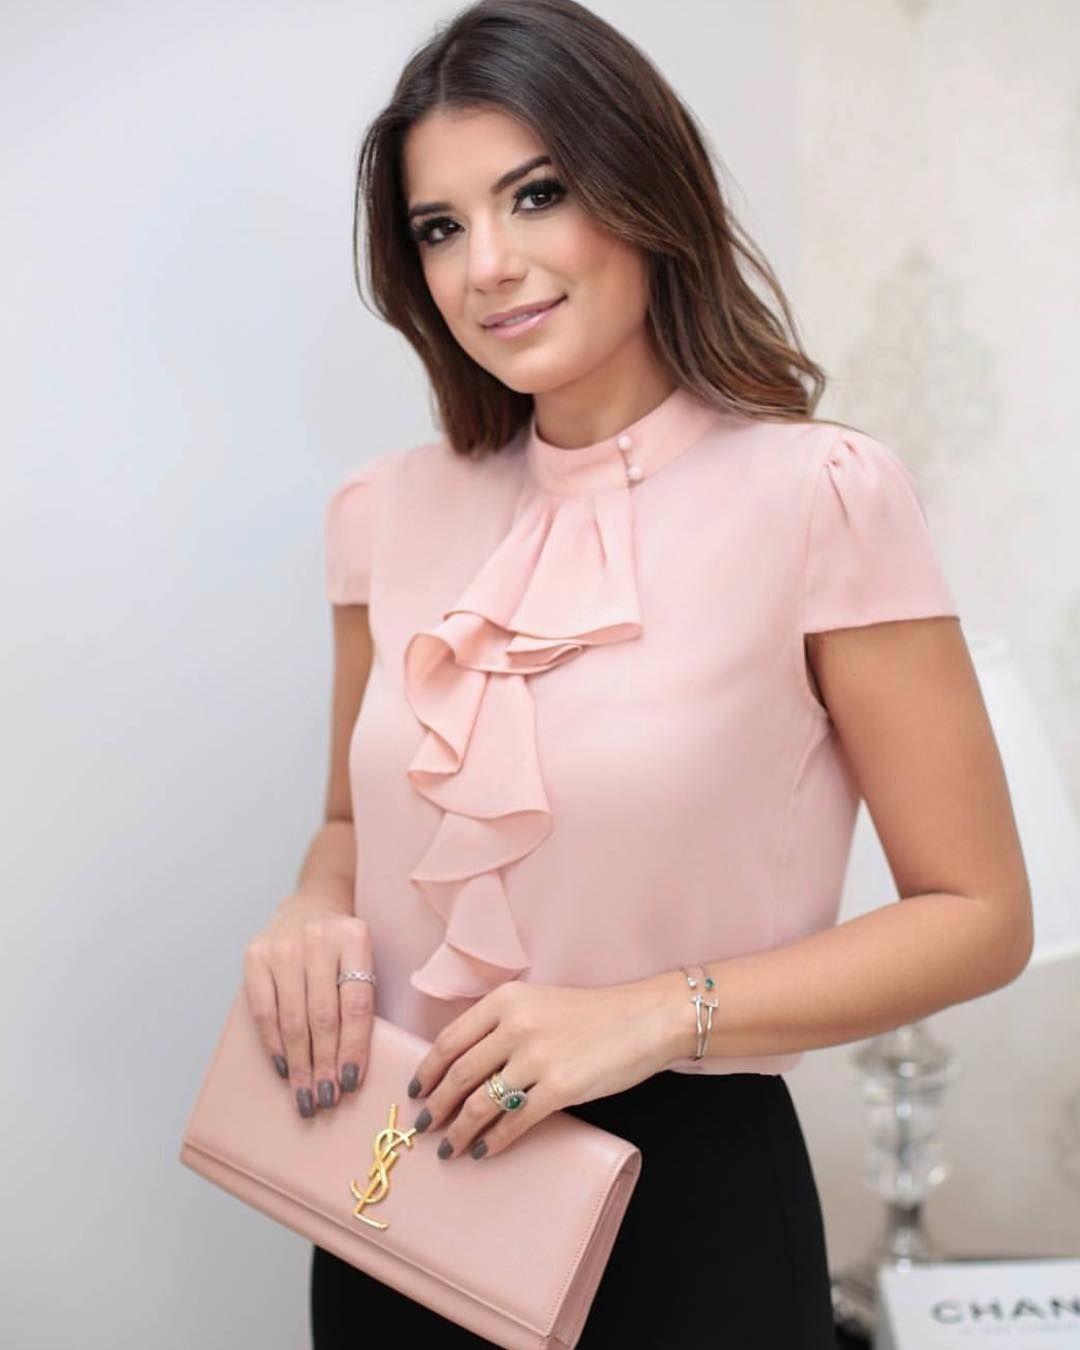 3cde520d9440 Blusa de moda rosada con bolero al frente: 🔱 Blusa rosada🔅Manga ...